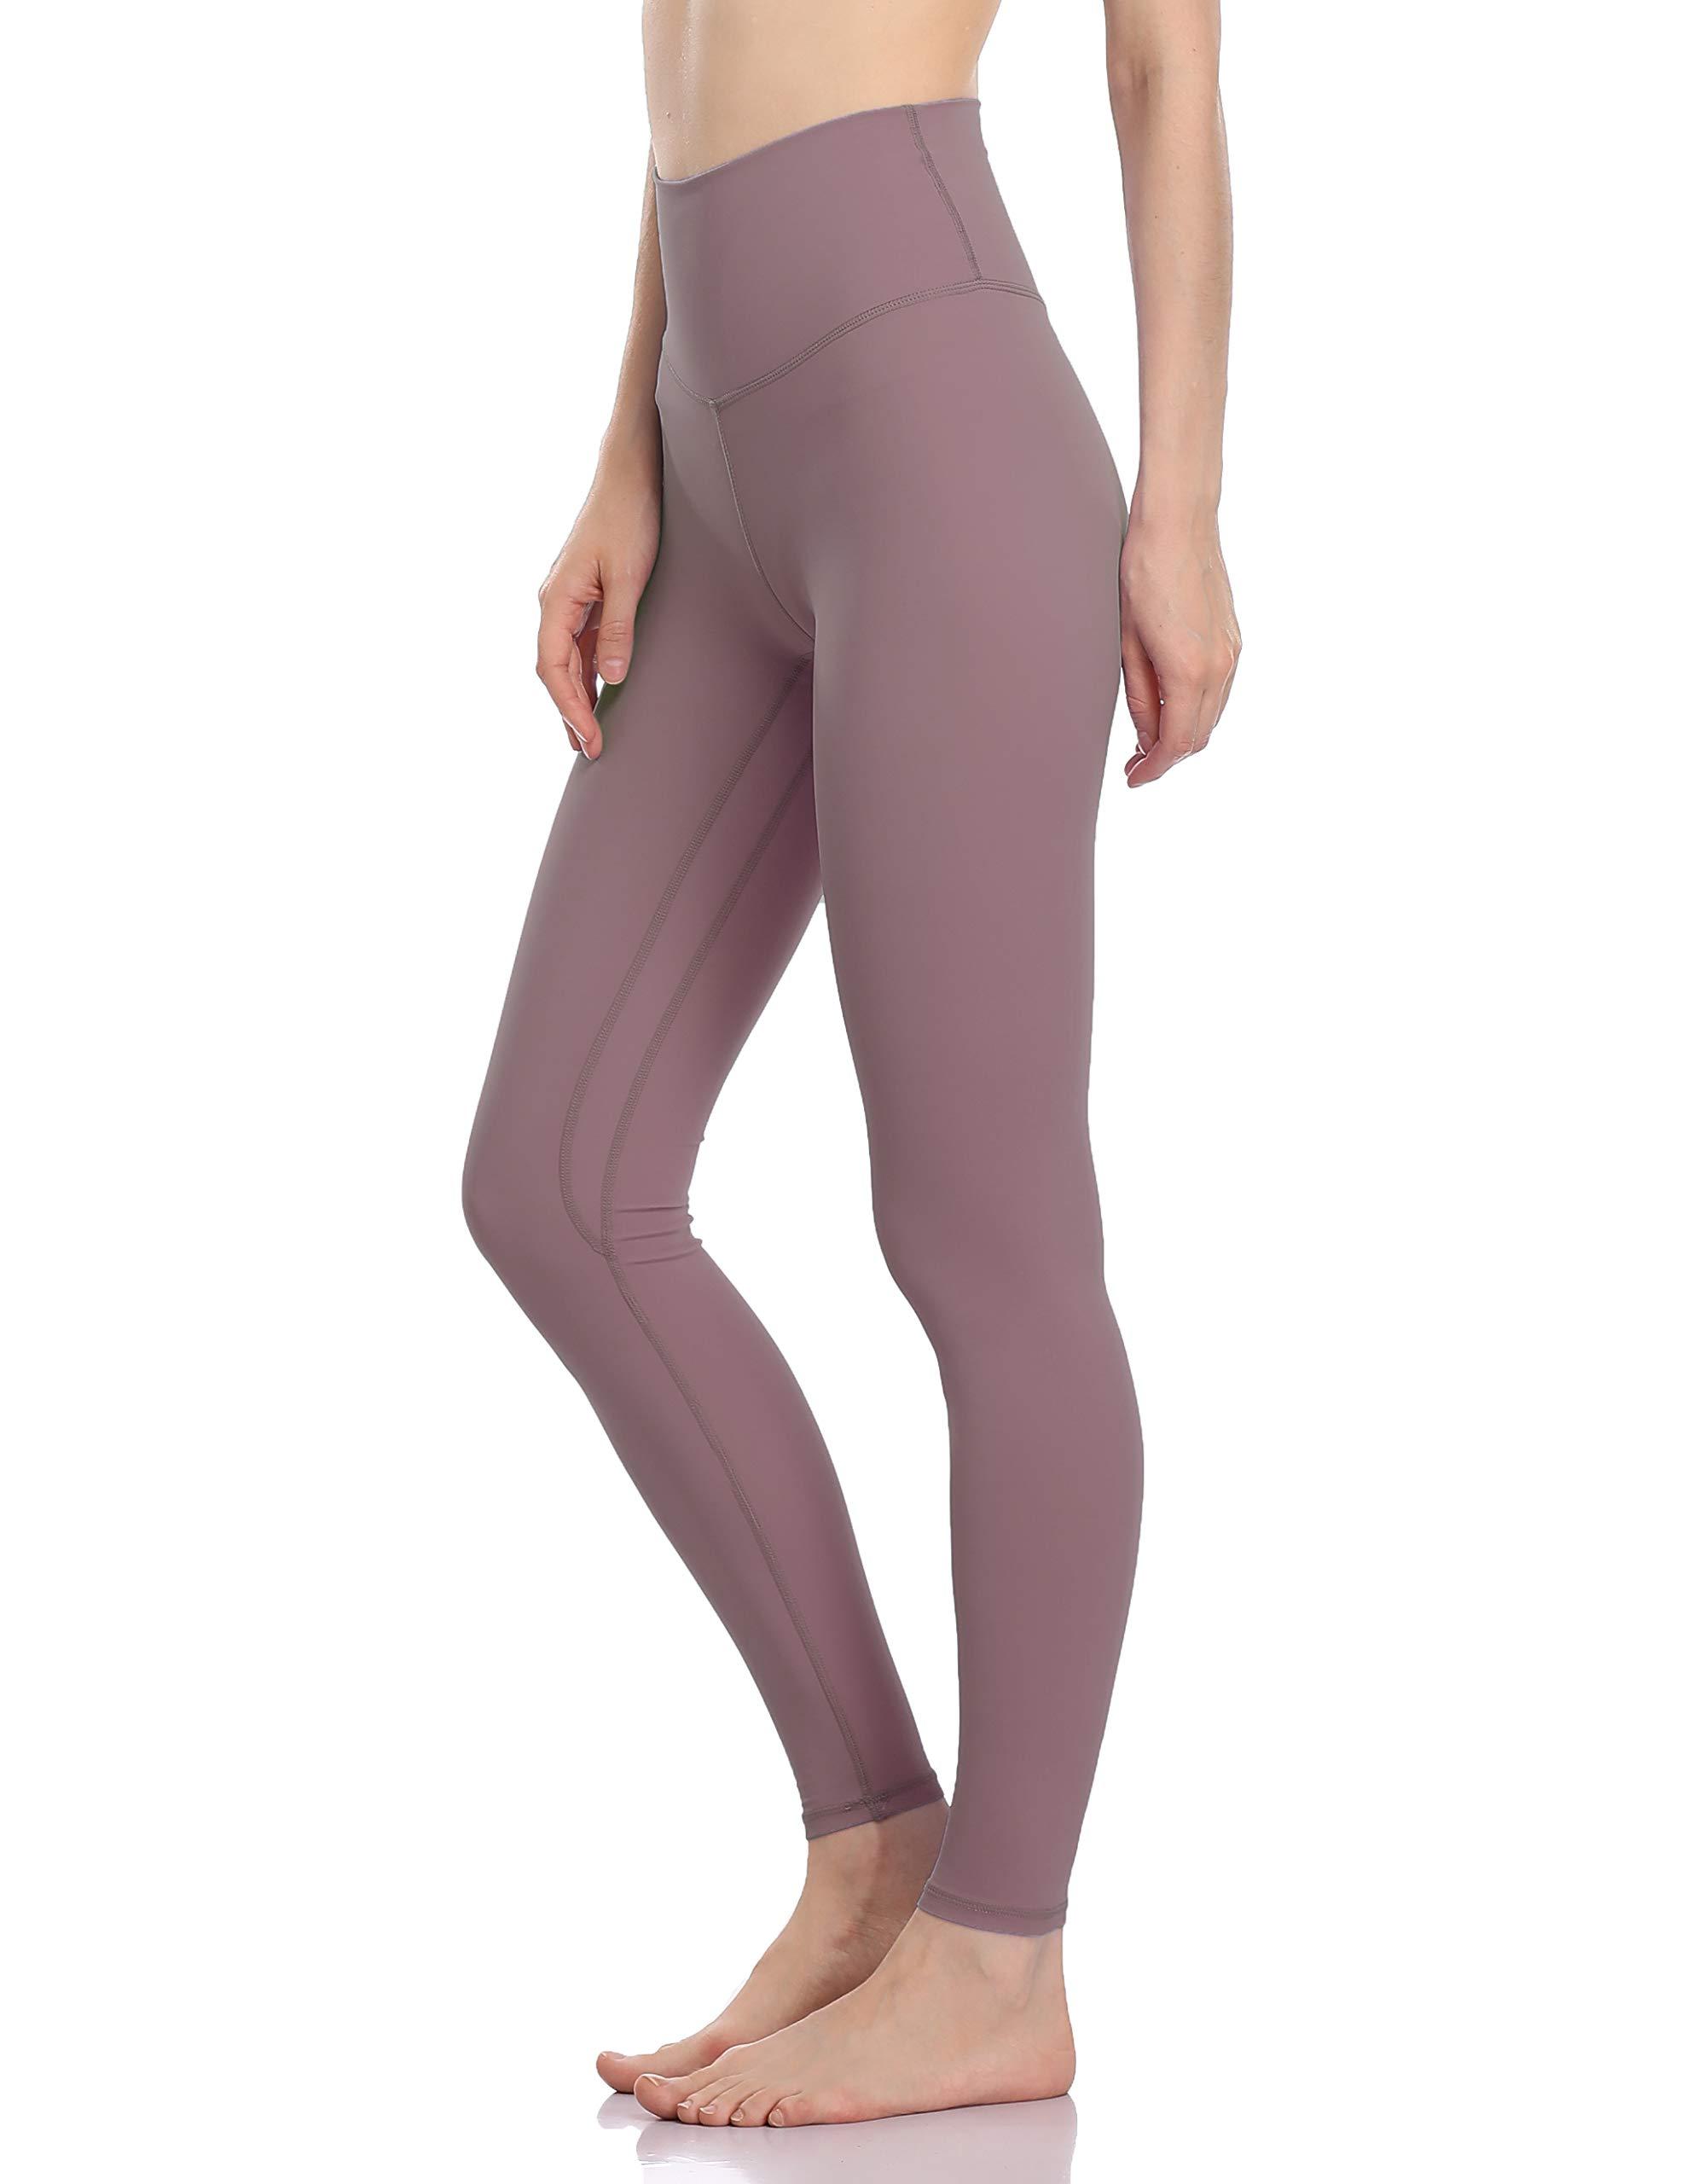 Colorfulkoala Women's Buttery Soft High Waisted Yoga Pants Full-Length Leggings (M, Dusty Red)